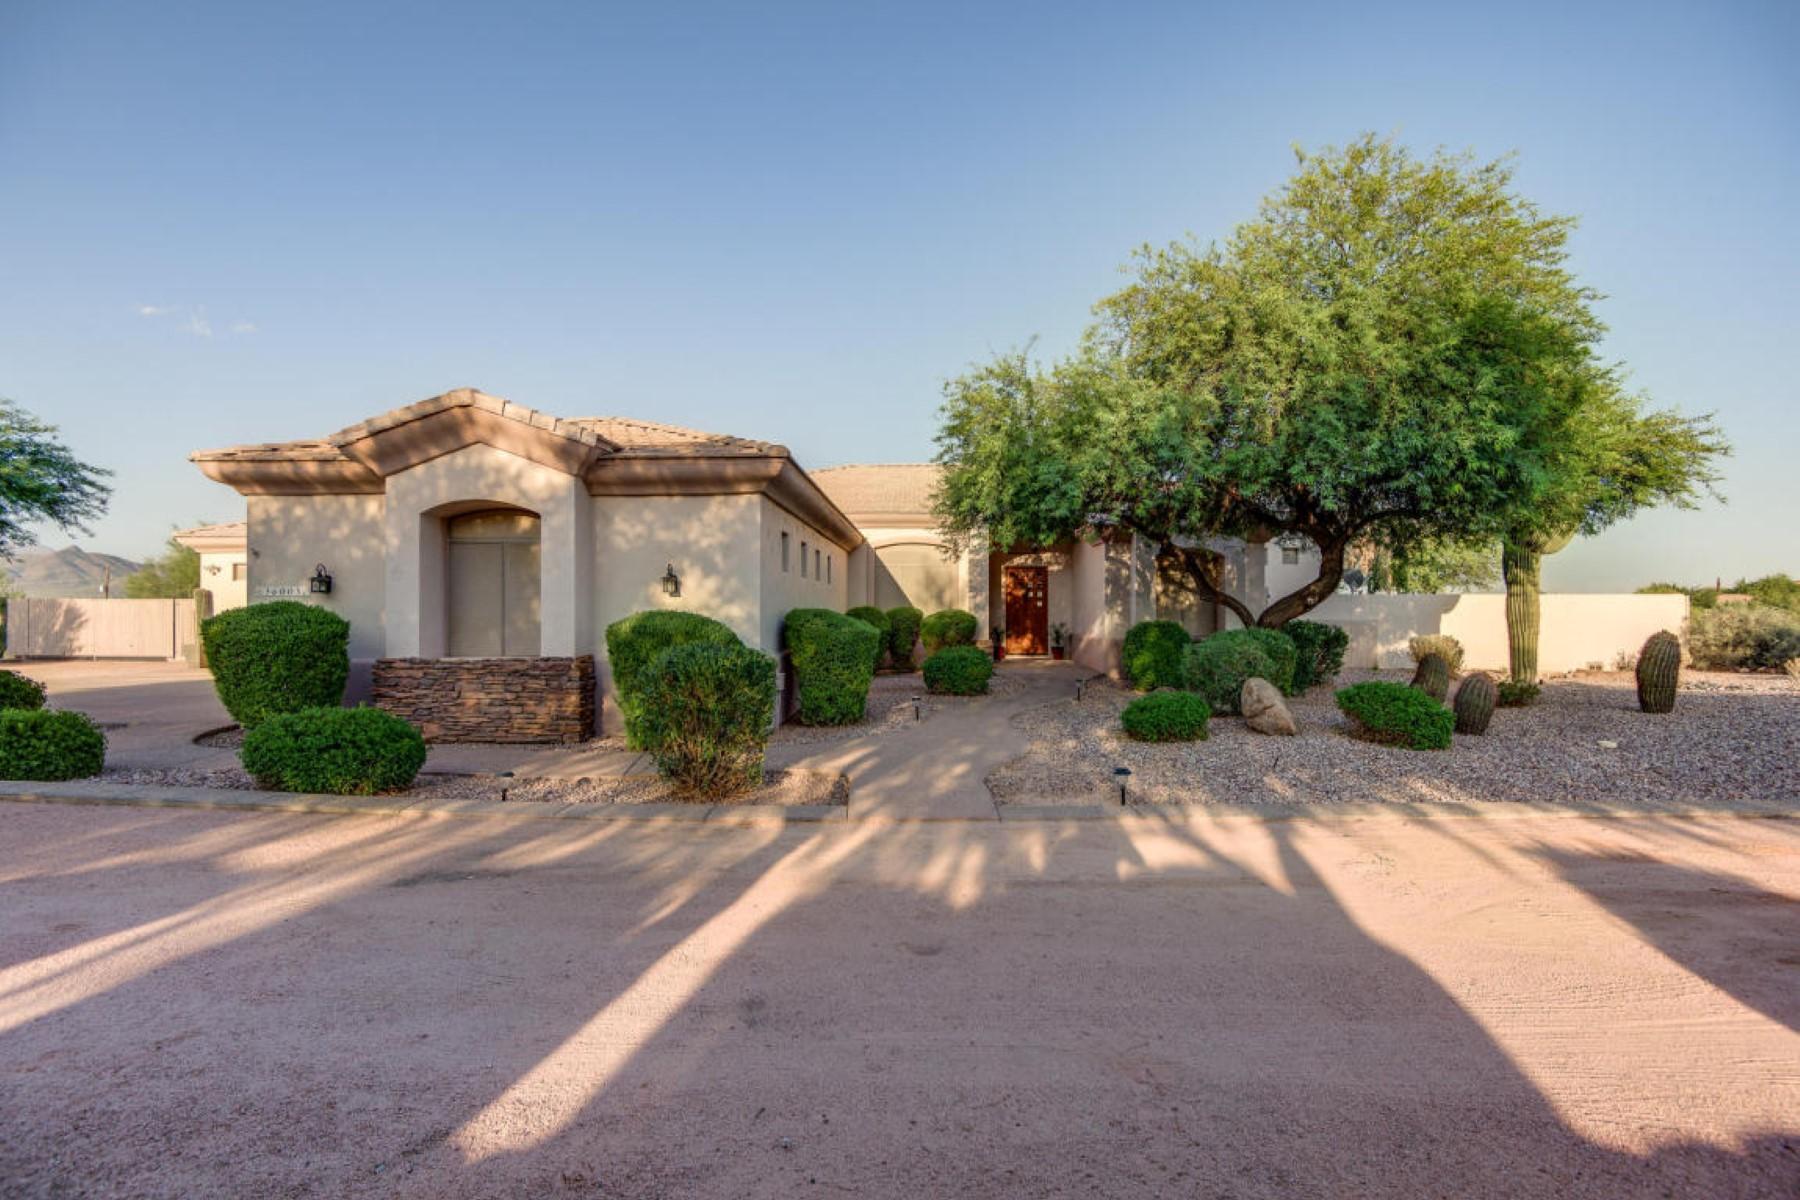 Casa Unifamiliar por un Venta en Single level custom home with amazing mountain views 36005 N 15Tth Ave Phoenix, Arizona, 85086 Estados Unidos